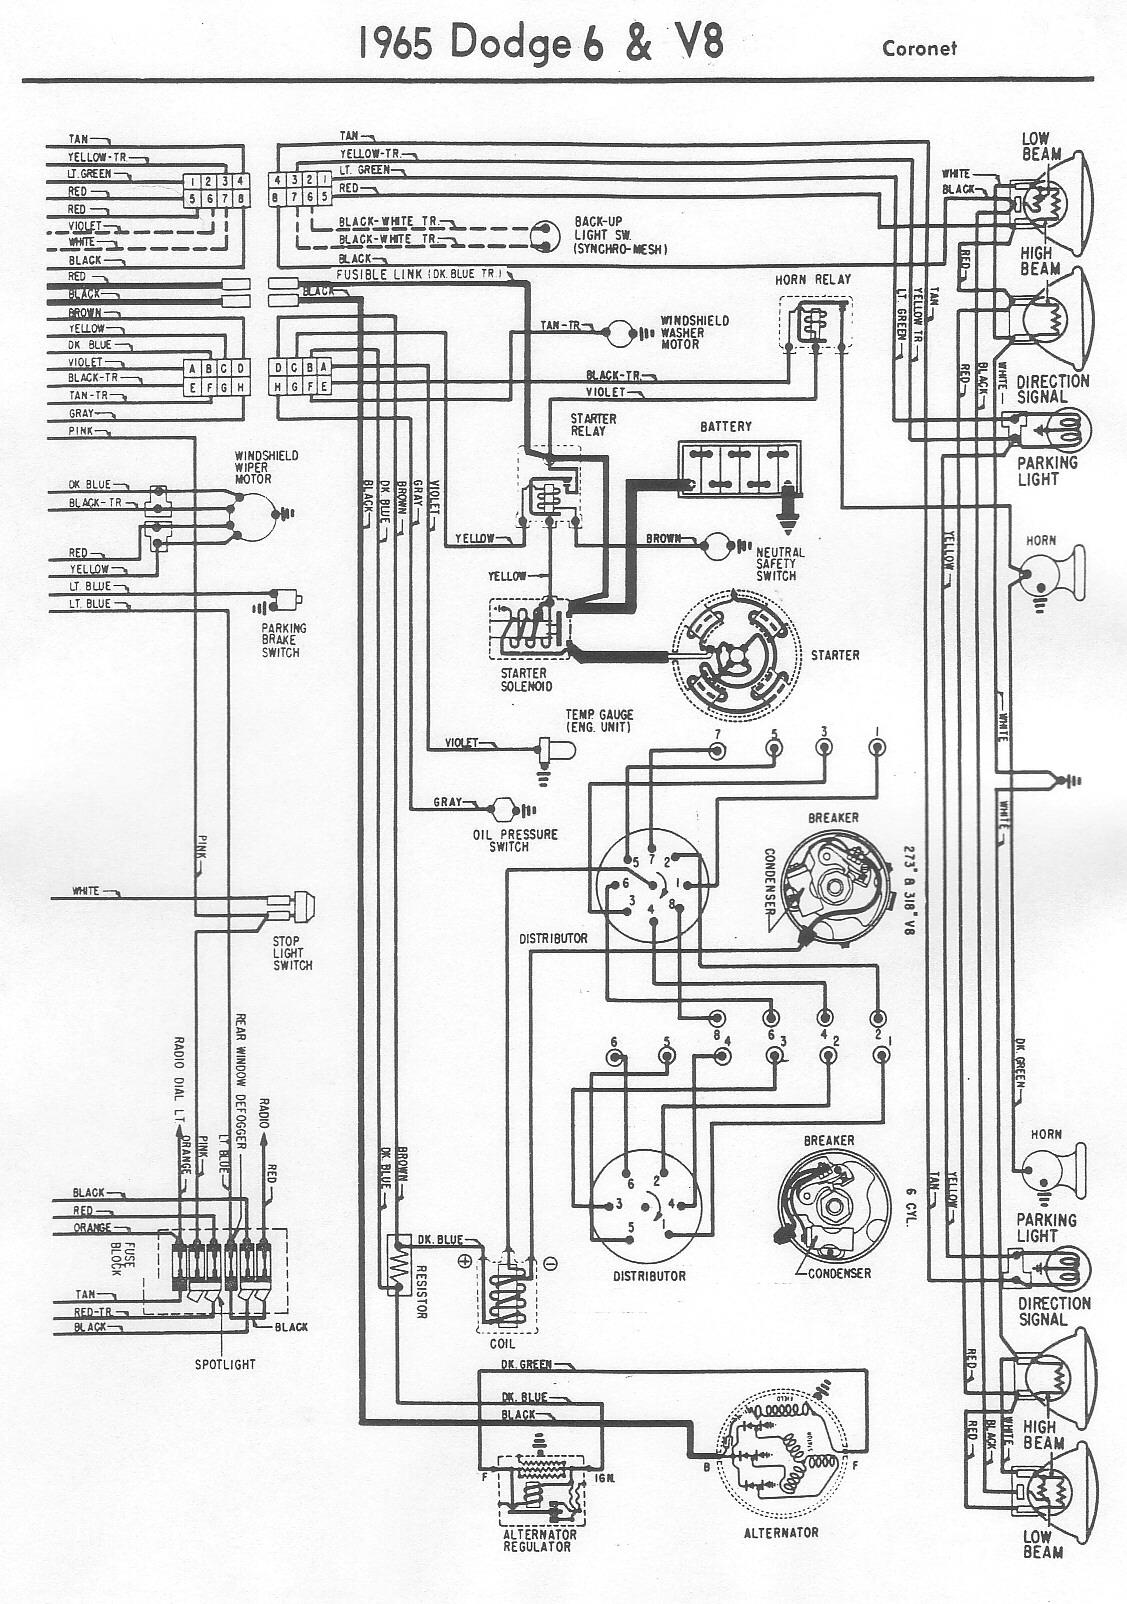 1973 Plymouth Cuda Wiring Diagram | Wiring Diagram on 1973 plymouth duster wiring diagram, 1968 plymouth barracuda wiring diagram, 1966 plymouth satellite wiring diagram, 1972 plymouth barracuda wiring diagram, 1965 pontiac lemans wiring diagram, 1970 dodge challenger wiring diagram, 1967 ford mustang wiring diagram, 1967 pontiac gto wiring diagram, 1968 dodge charger wiring diagram, 1970 plymouth barracuda wiring diagram, 1960 ford thunderbird wiring diagram, 1965 plymouth barracuda wiring diagram, 1970 plymouth gtx wiring diagram, 1969 pontiac firebird wiring diagram, 1969 plymouth roadrunner wiring diagram, 1969 pontiac gto wiring diagram, 1973 dodge challenger wiring diagram, trans am wiring diagram, 1966 plymouth belvedere wiring diagram, 1967 plymouth barracuda wiring diagram,